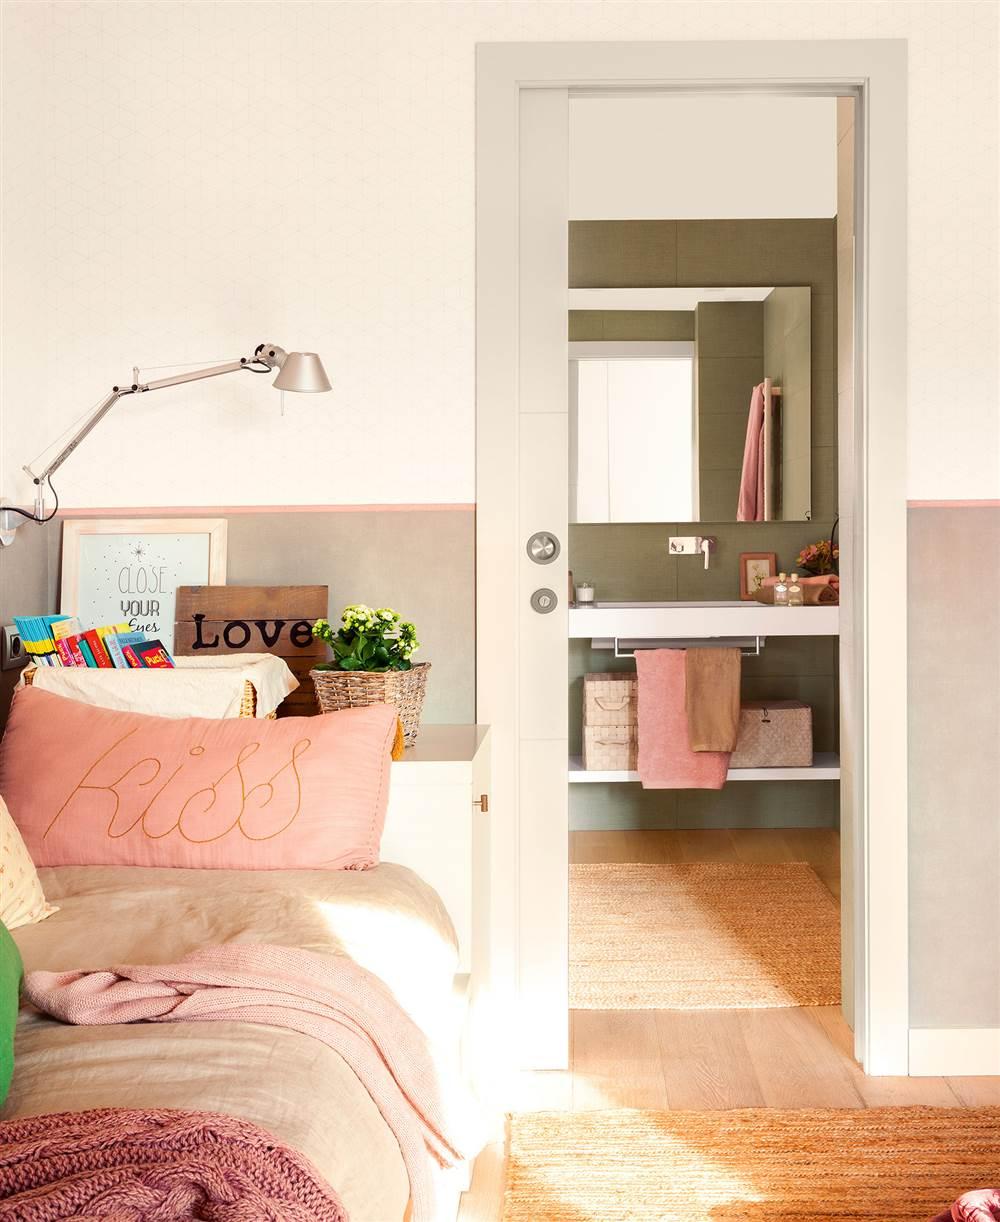 Ideas para renovar la casa en oto o for Renovar la casa dormitorio